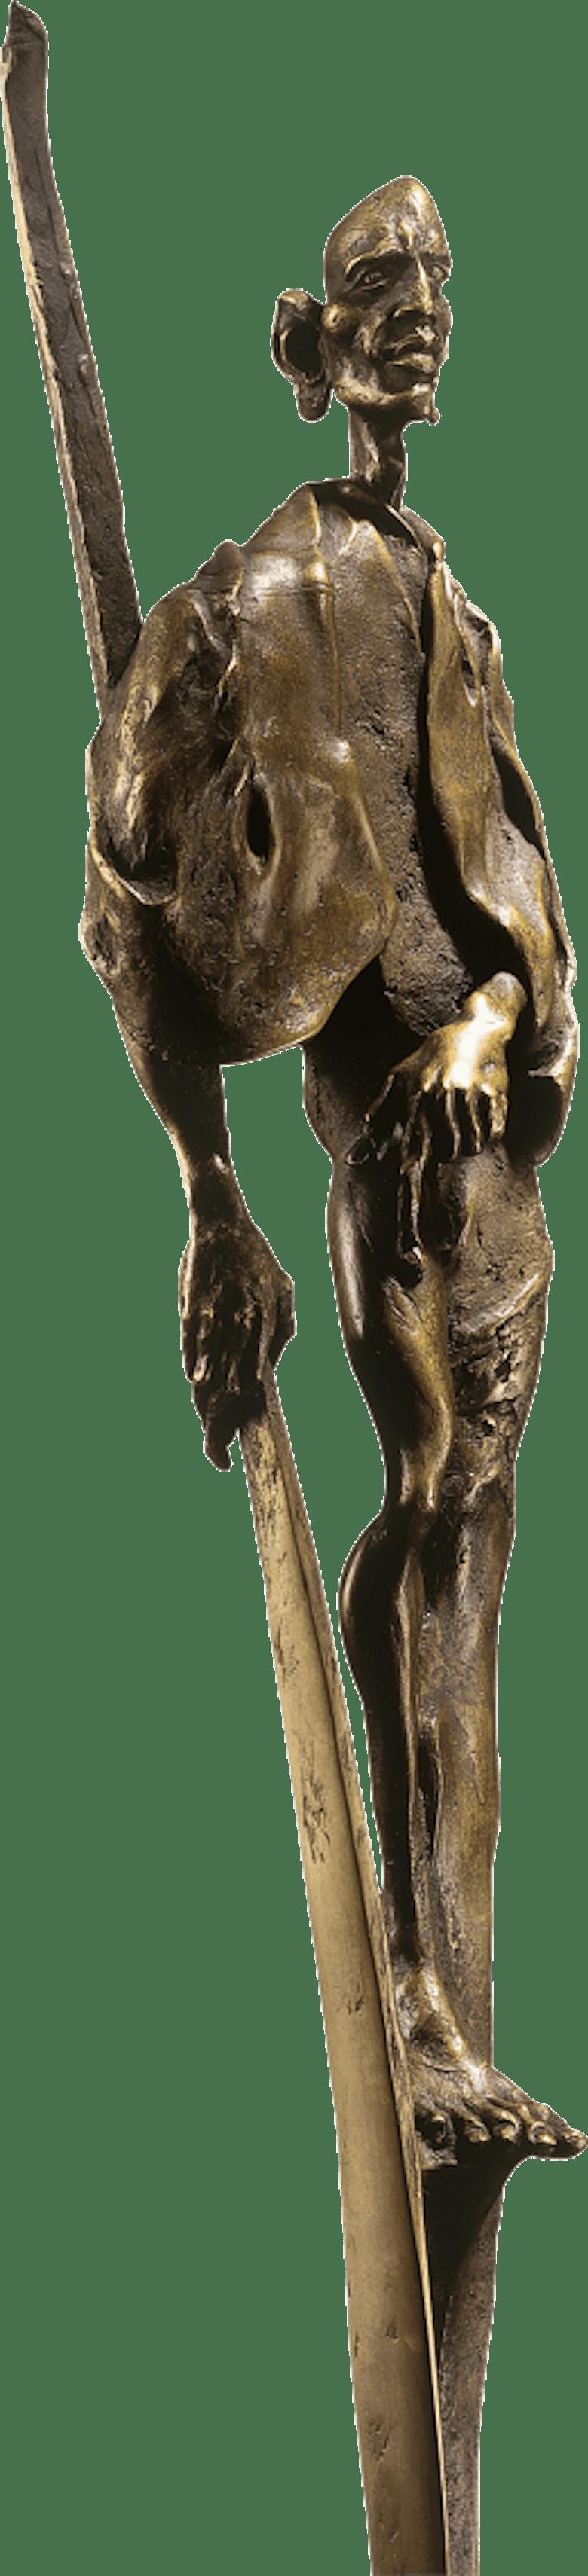 Bronzefigur Massai-Krieger von Woytek